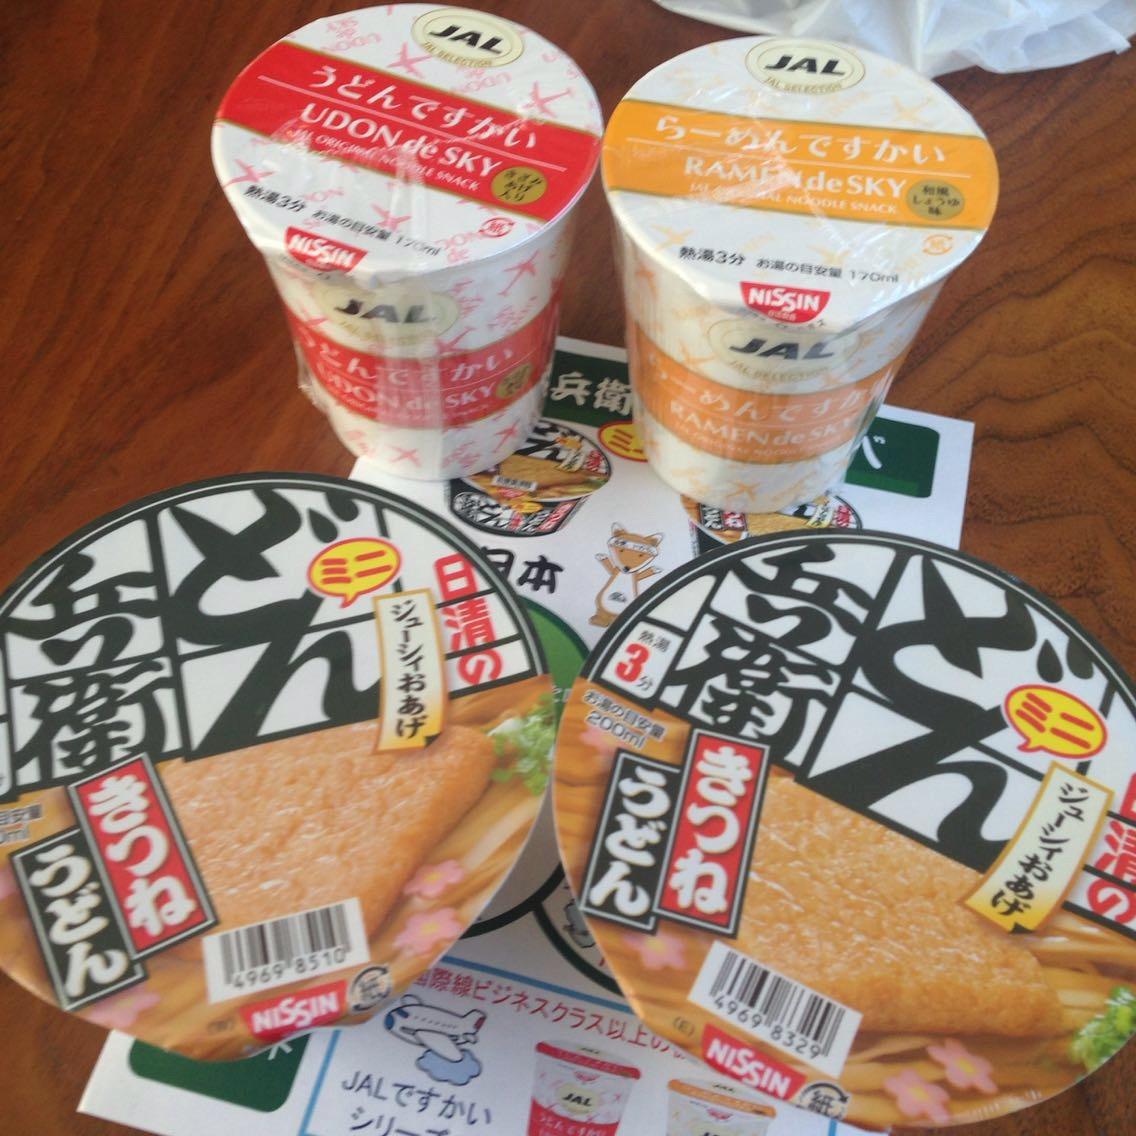 どん兵衛の東日本版・西日本版を食べ比べ!やっぱり西日本の昆布ベースが美味しい!